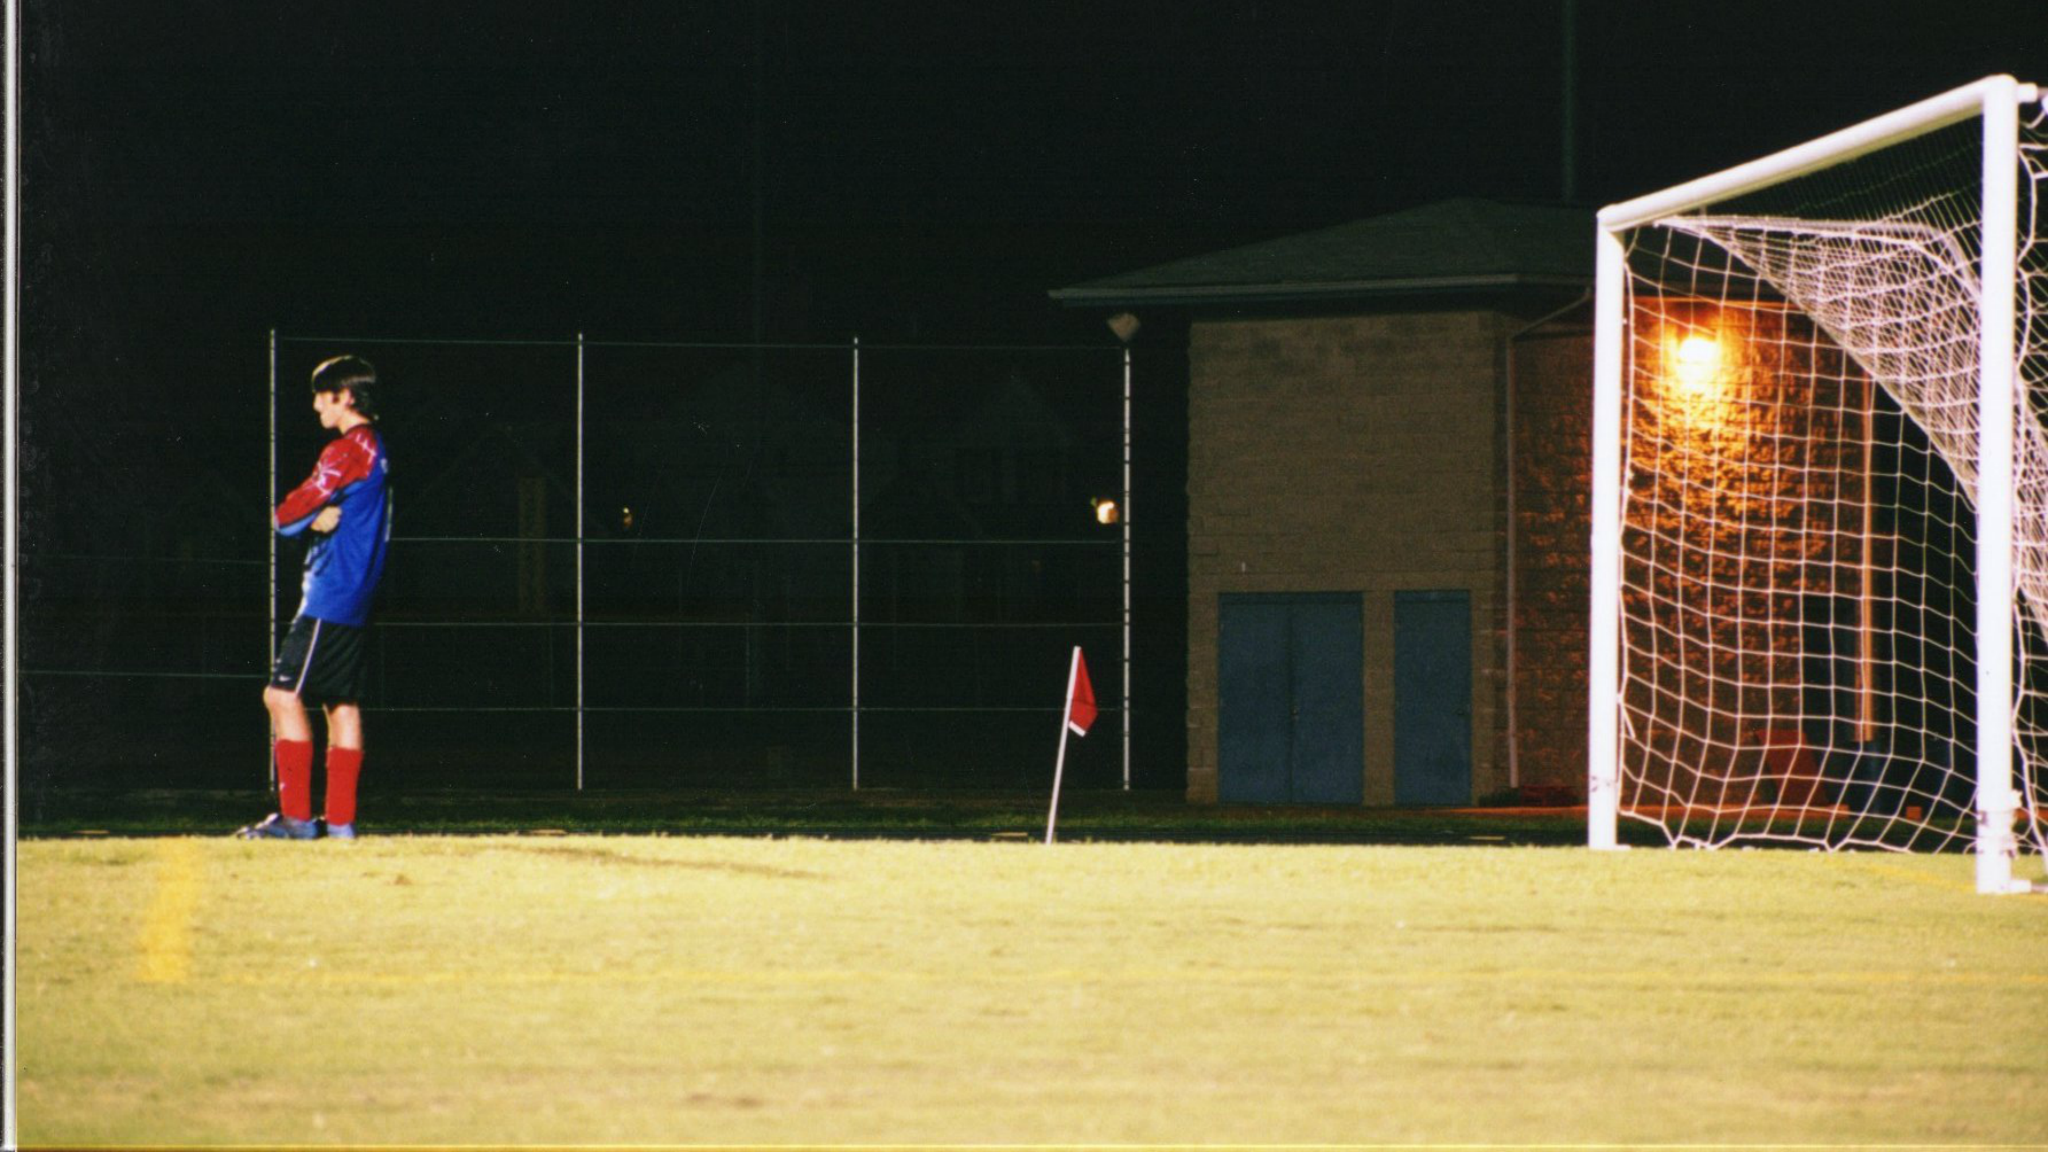 Ett livsfarligt mansideal och fotbollens mörka baksida